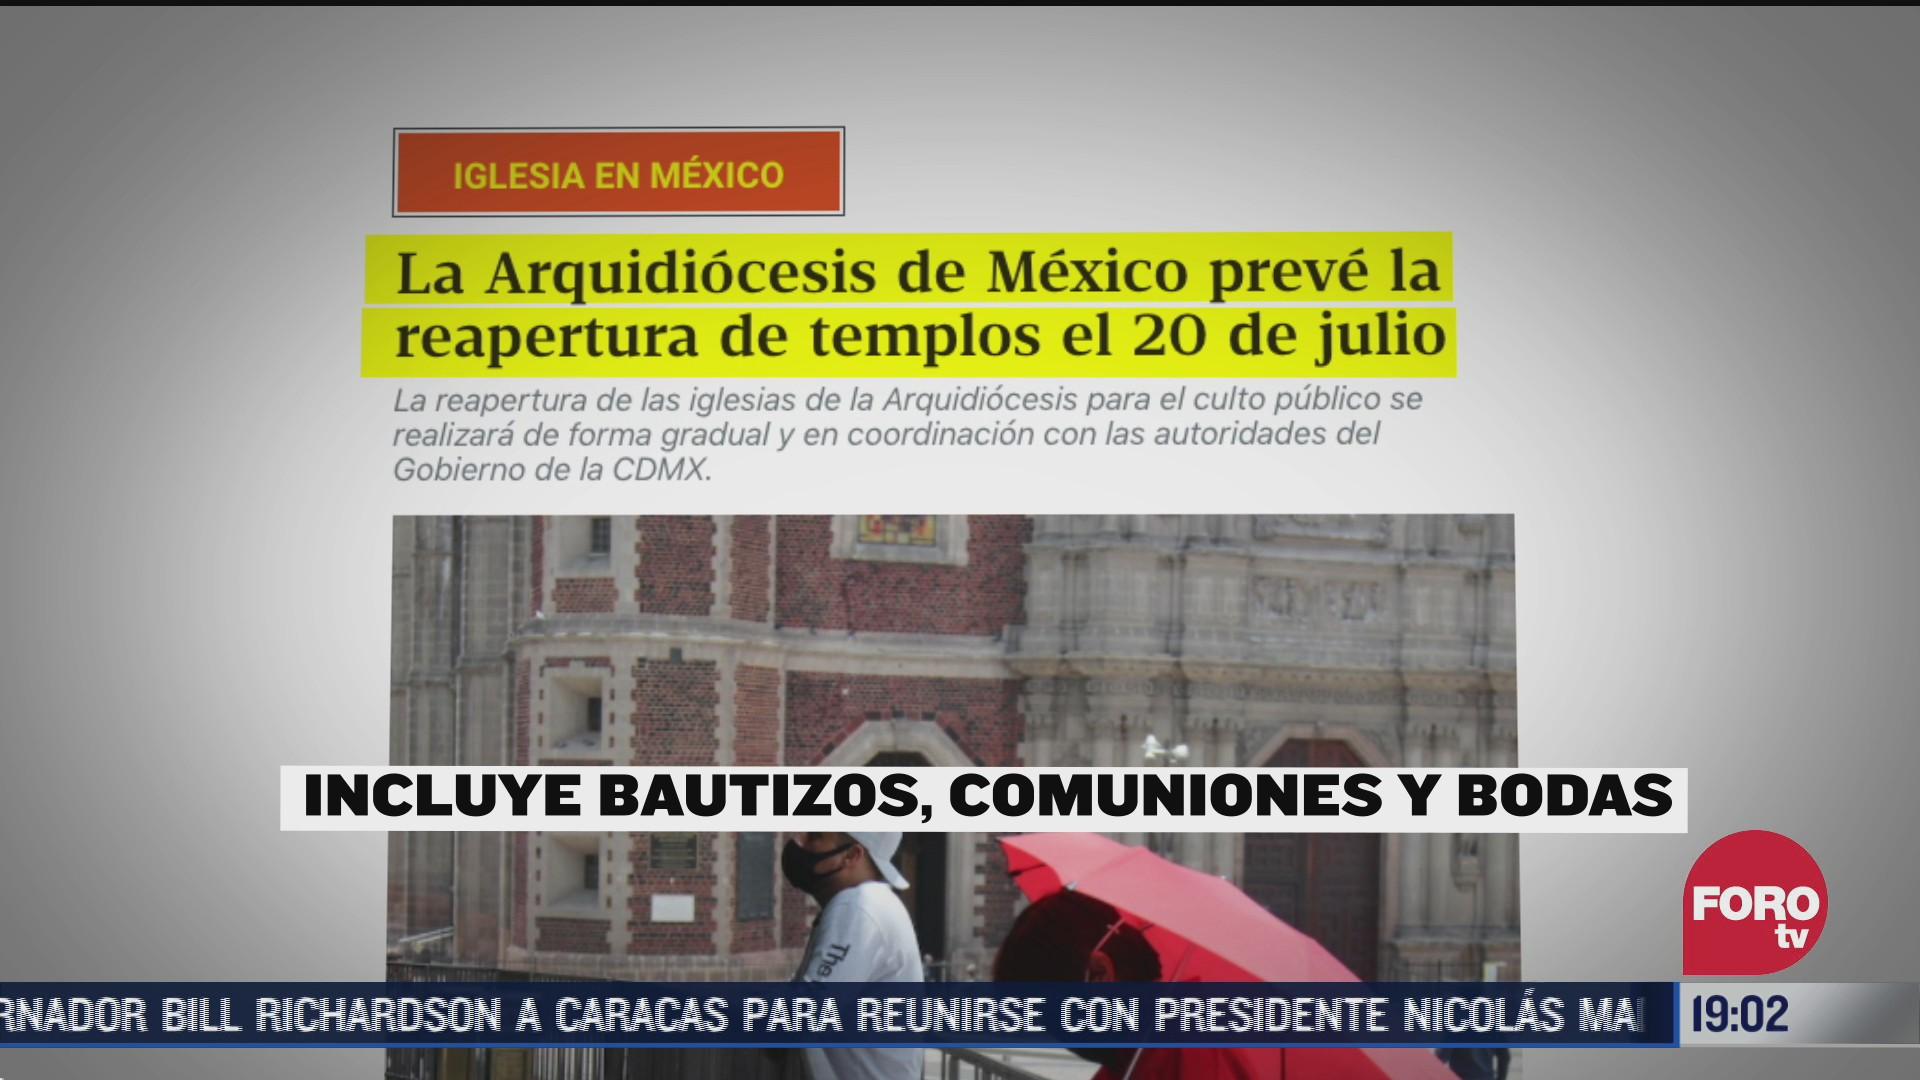 Arquidiocesis anuncia reapertura de iglesias en CDMX el próximo 20 de julio